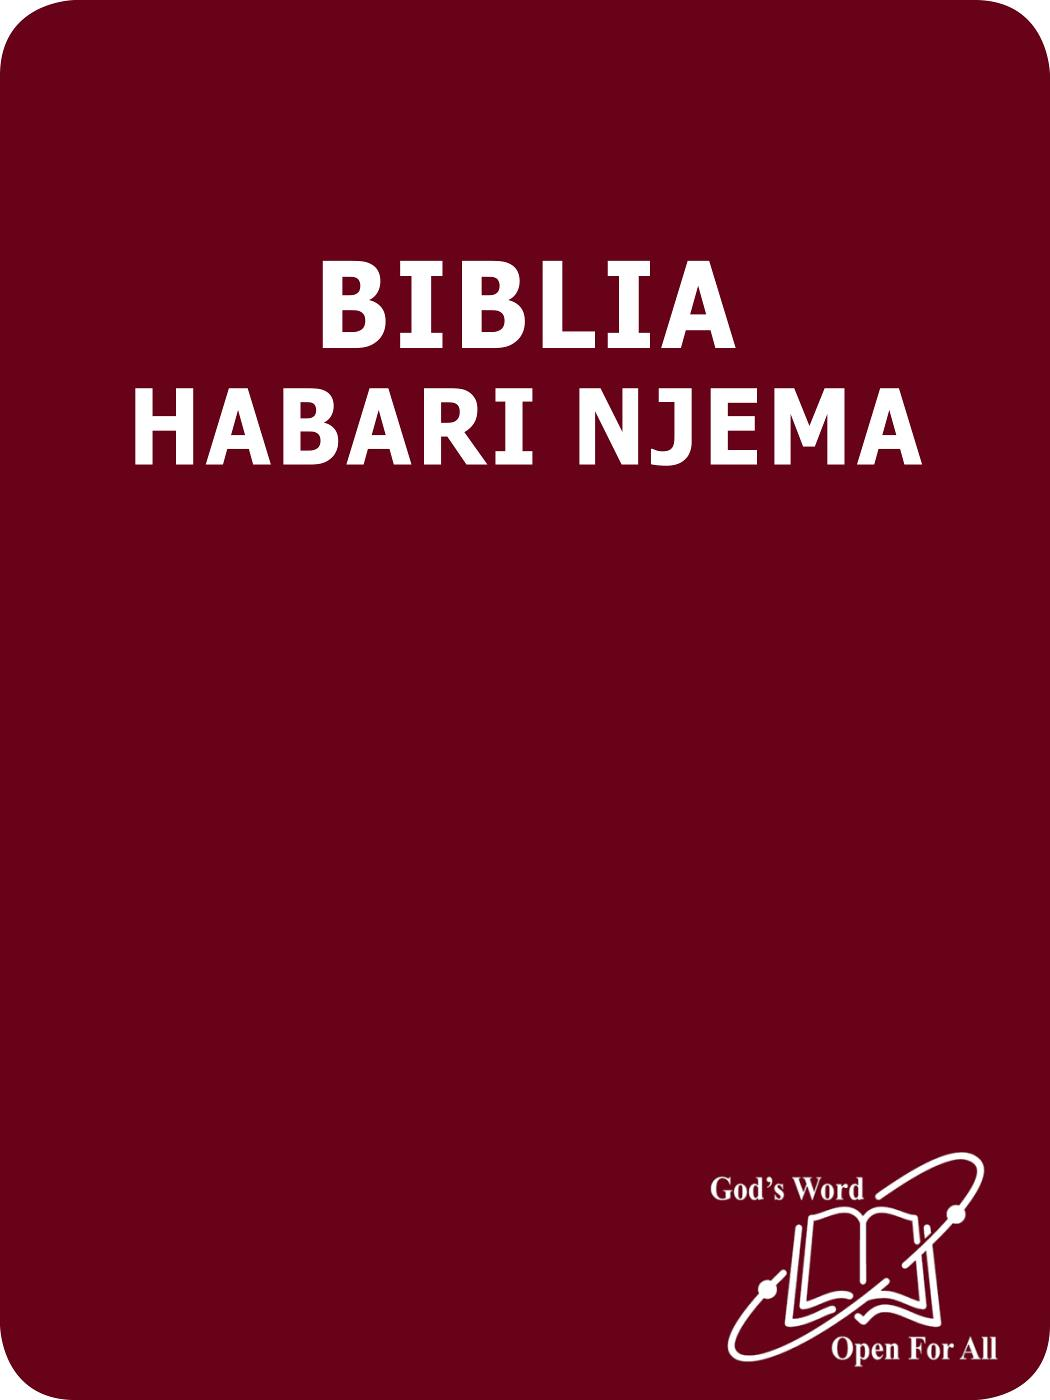 Swahili Habari Njema Bible